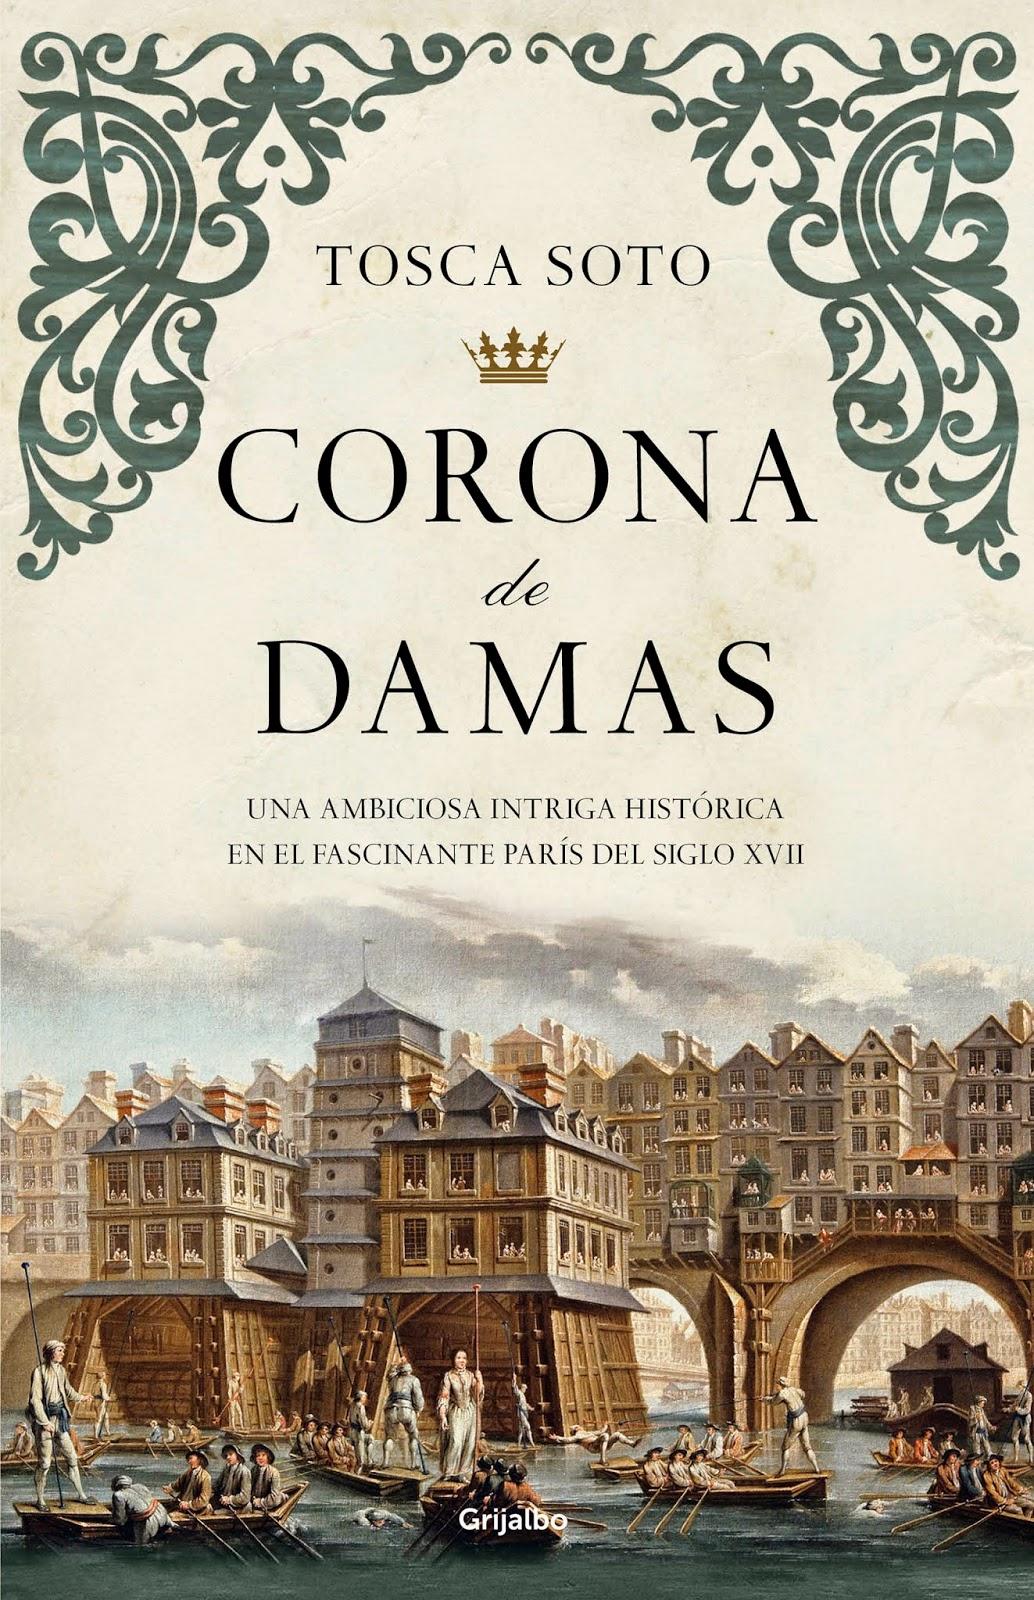 Corona de damas - Tosca Soto (2014)